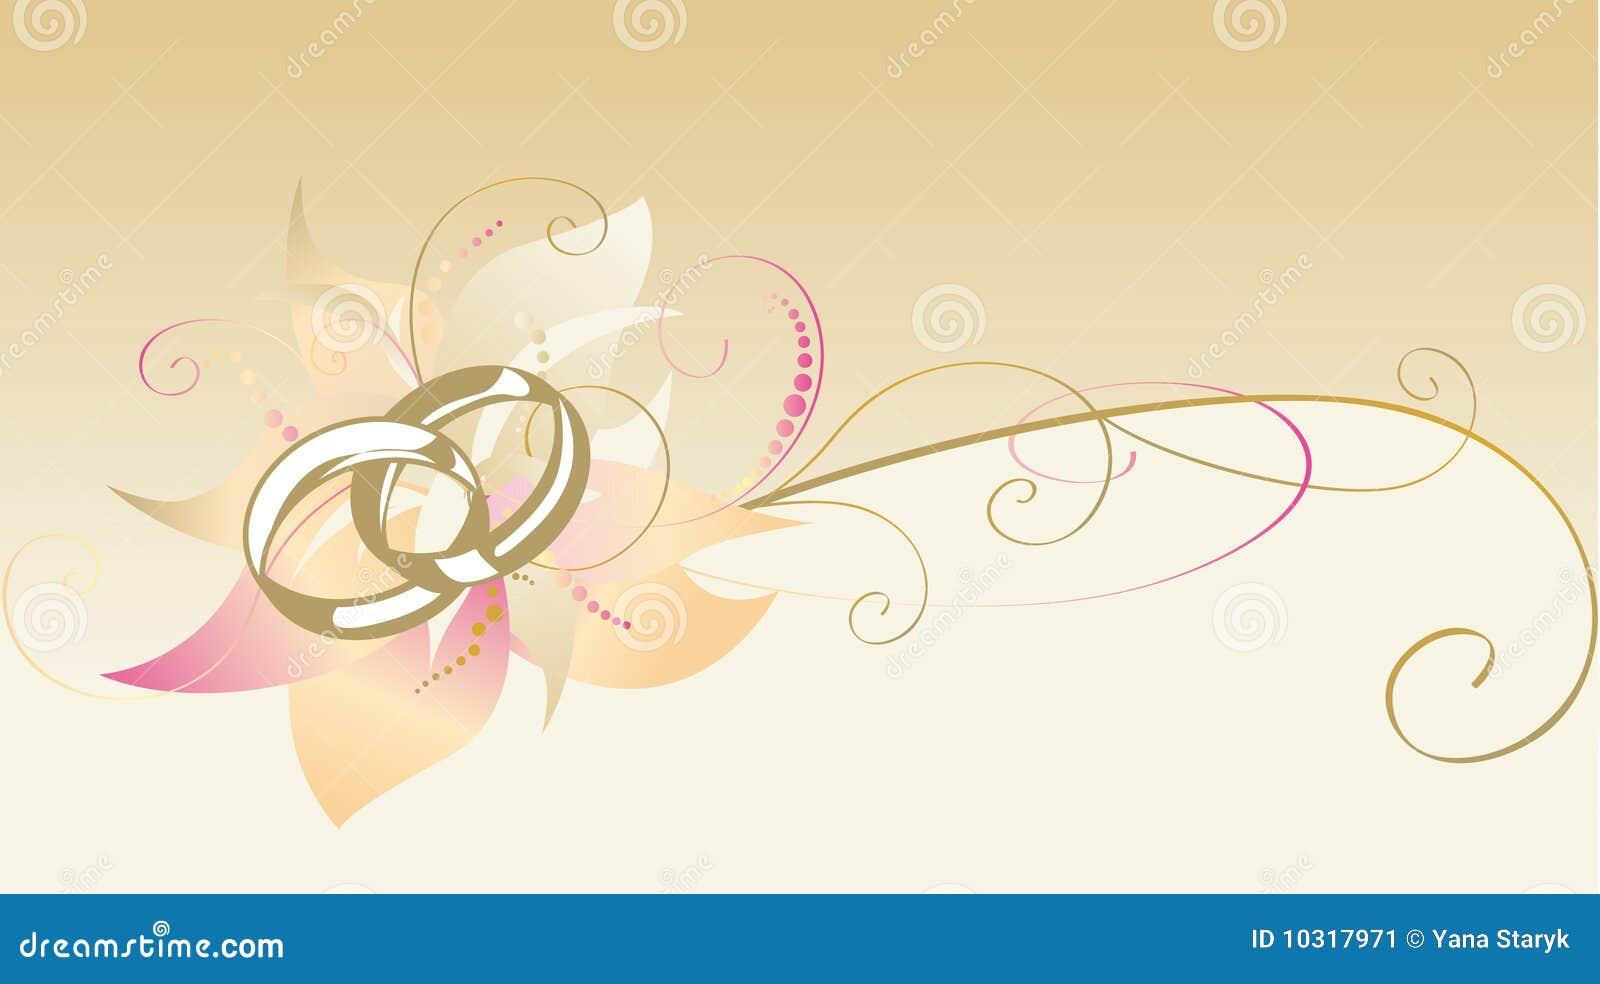 Dekorative Karte Mit Hochzeitsringen Vektor Abbildung Illustration